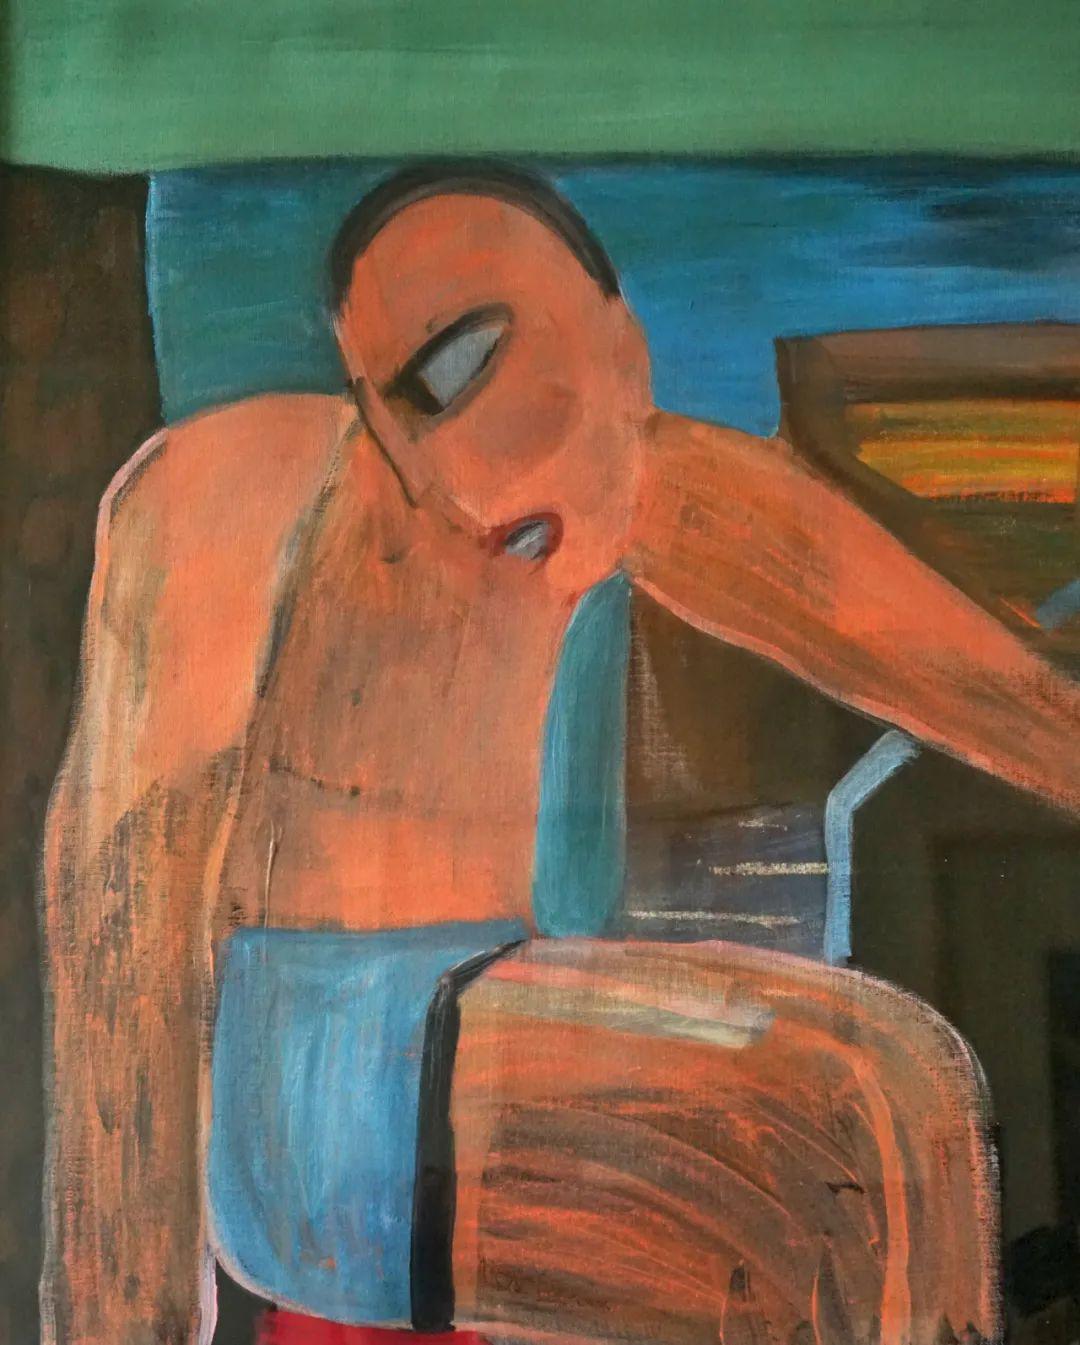 莫日根   用绘画寻找灵魂栖居之所 第13张 莫日根   用绘画寻找灵魂栖居之所 蒙古画廊